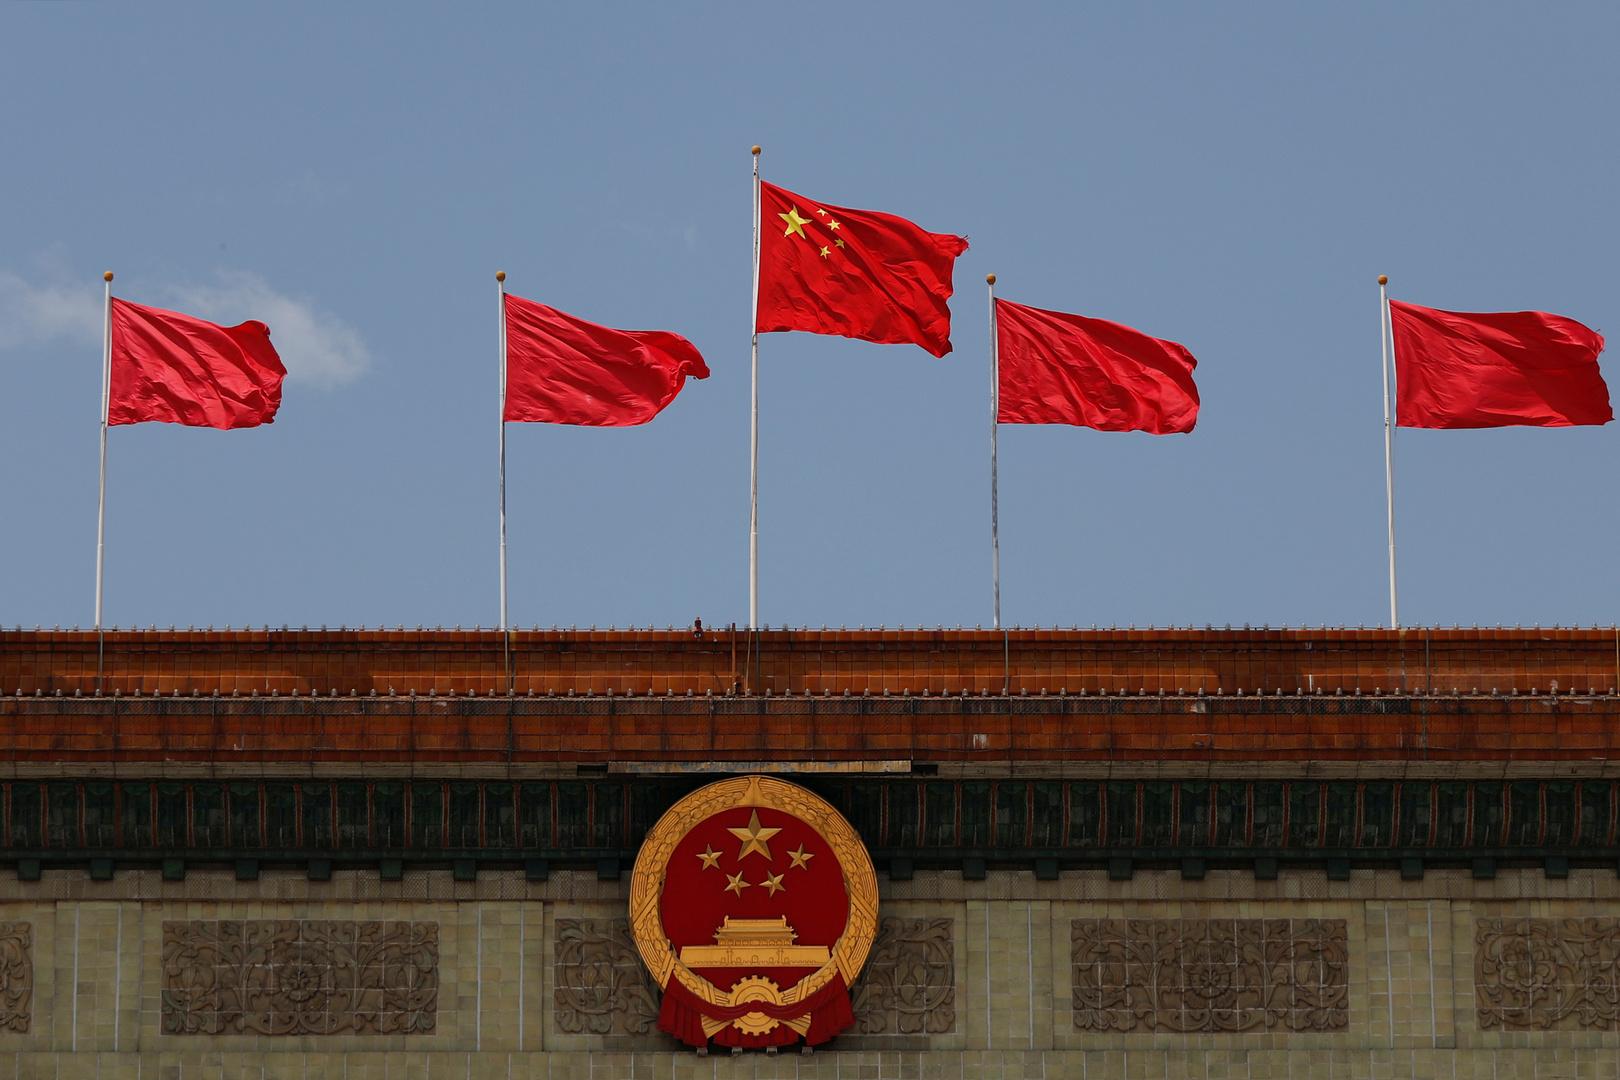 البرلمان الأوروبي: العقوبات الصينية لن تبقى دون رد